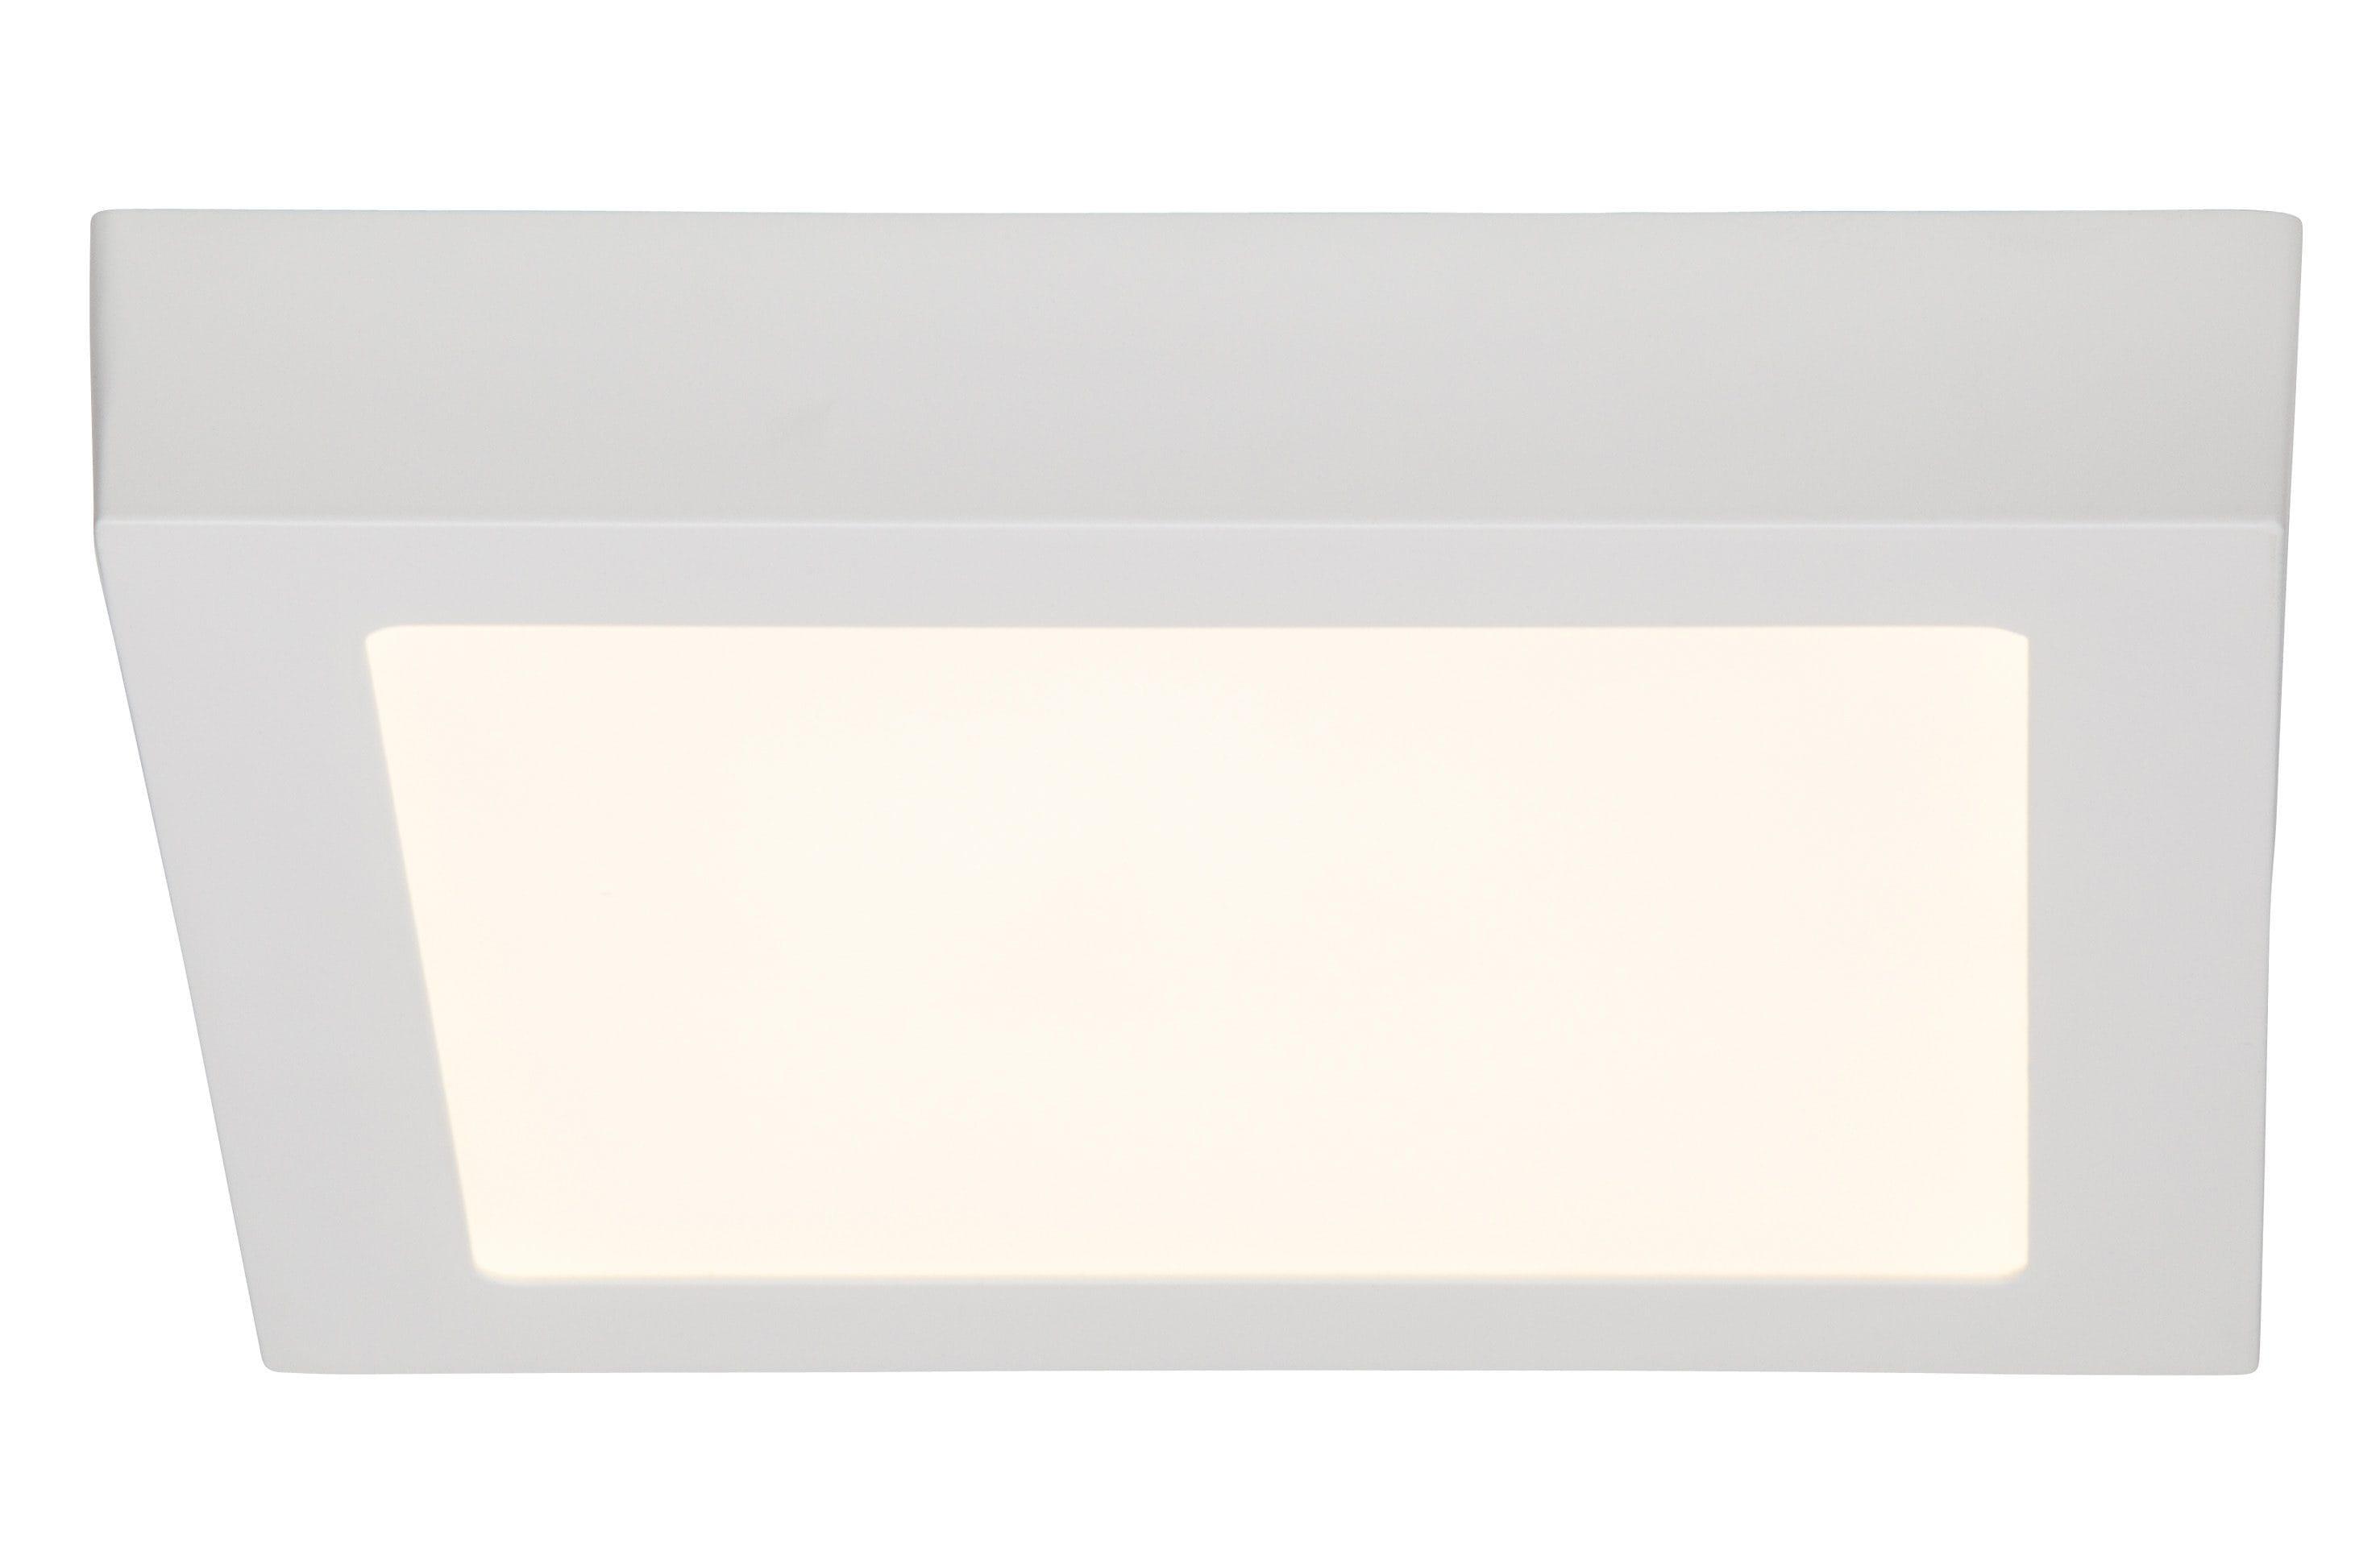 Brilliant Leuchten LED Deckenleuchte JARNO, LED Deckenlampe